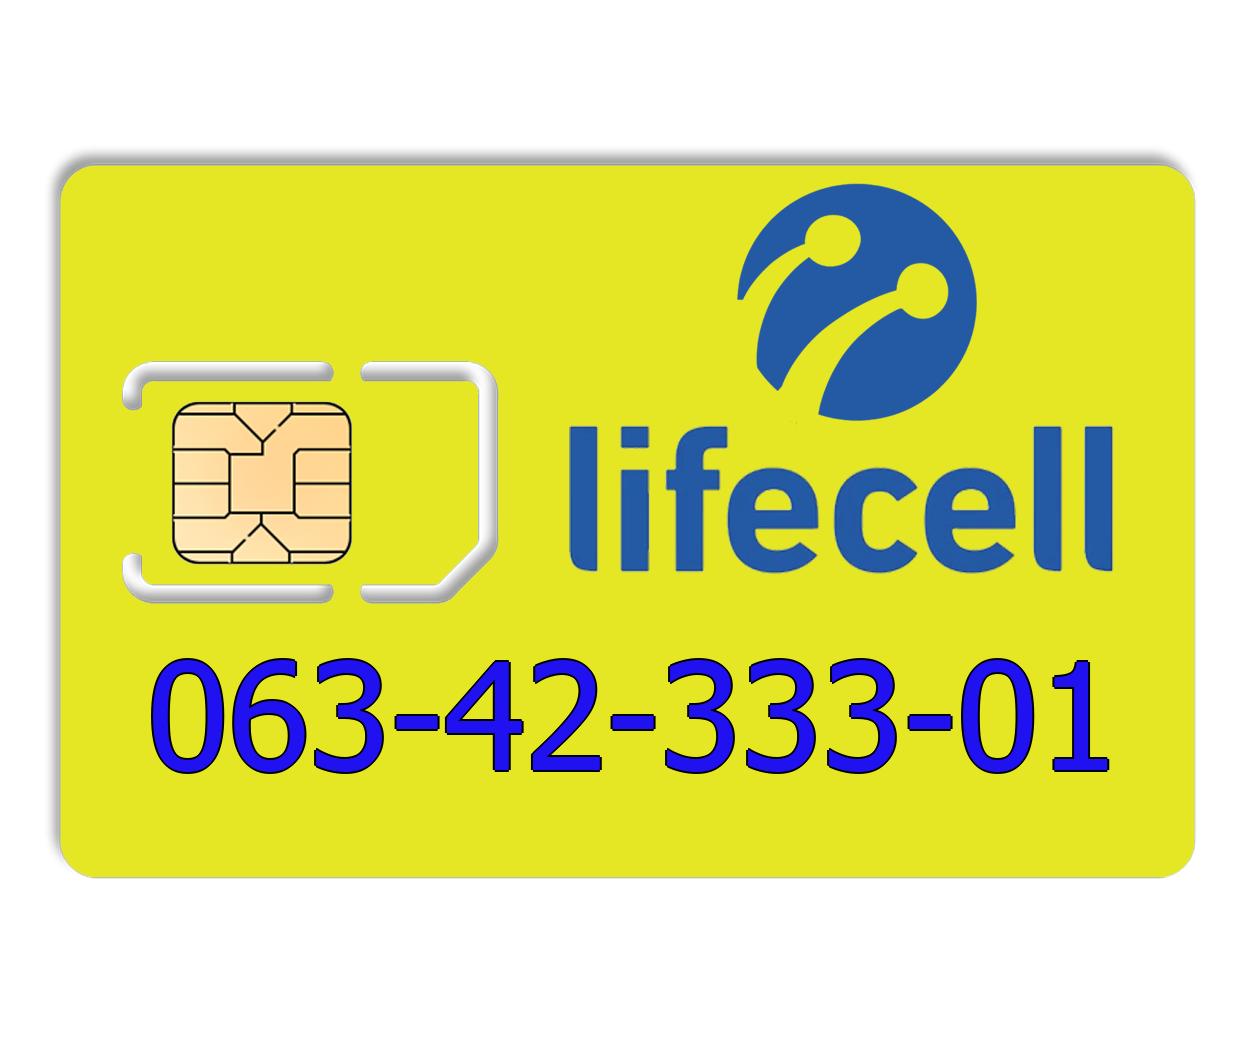 Красивый номер lifecell 063-42-333-01